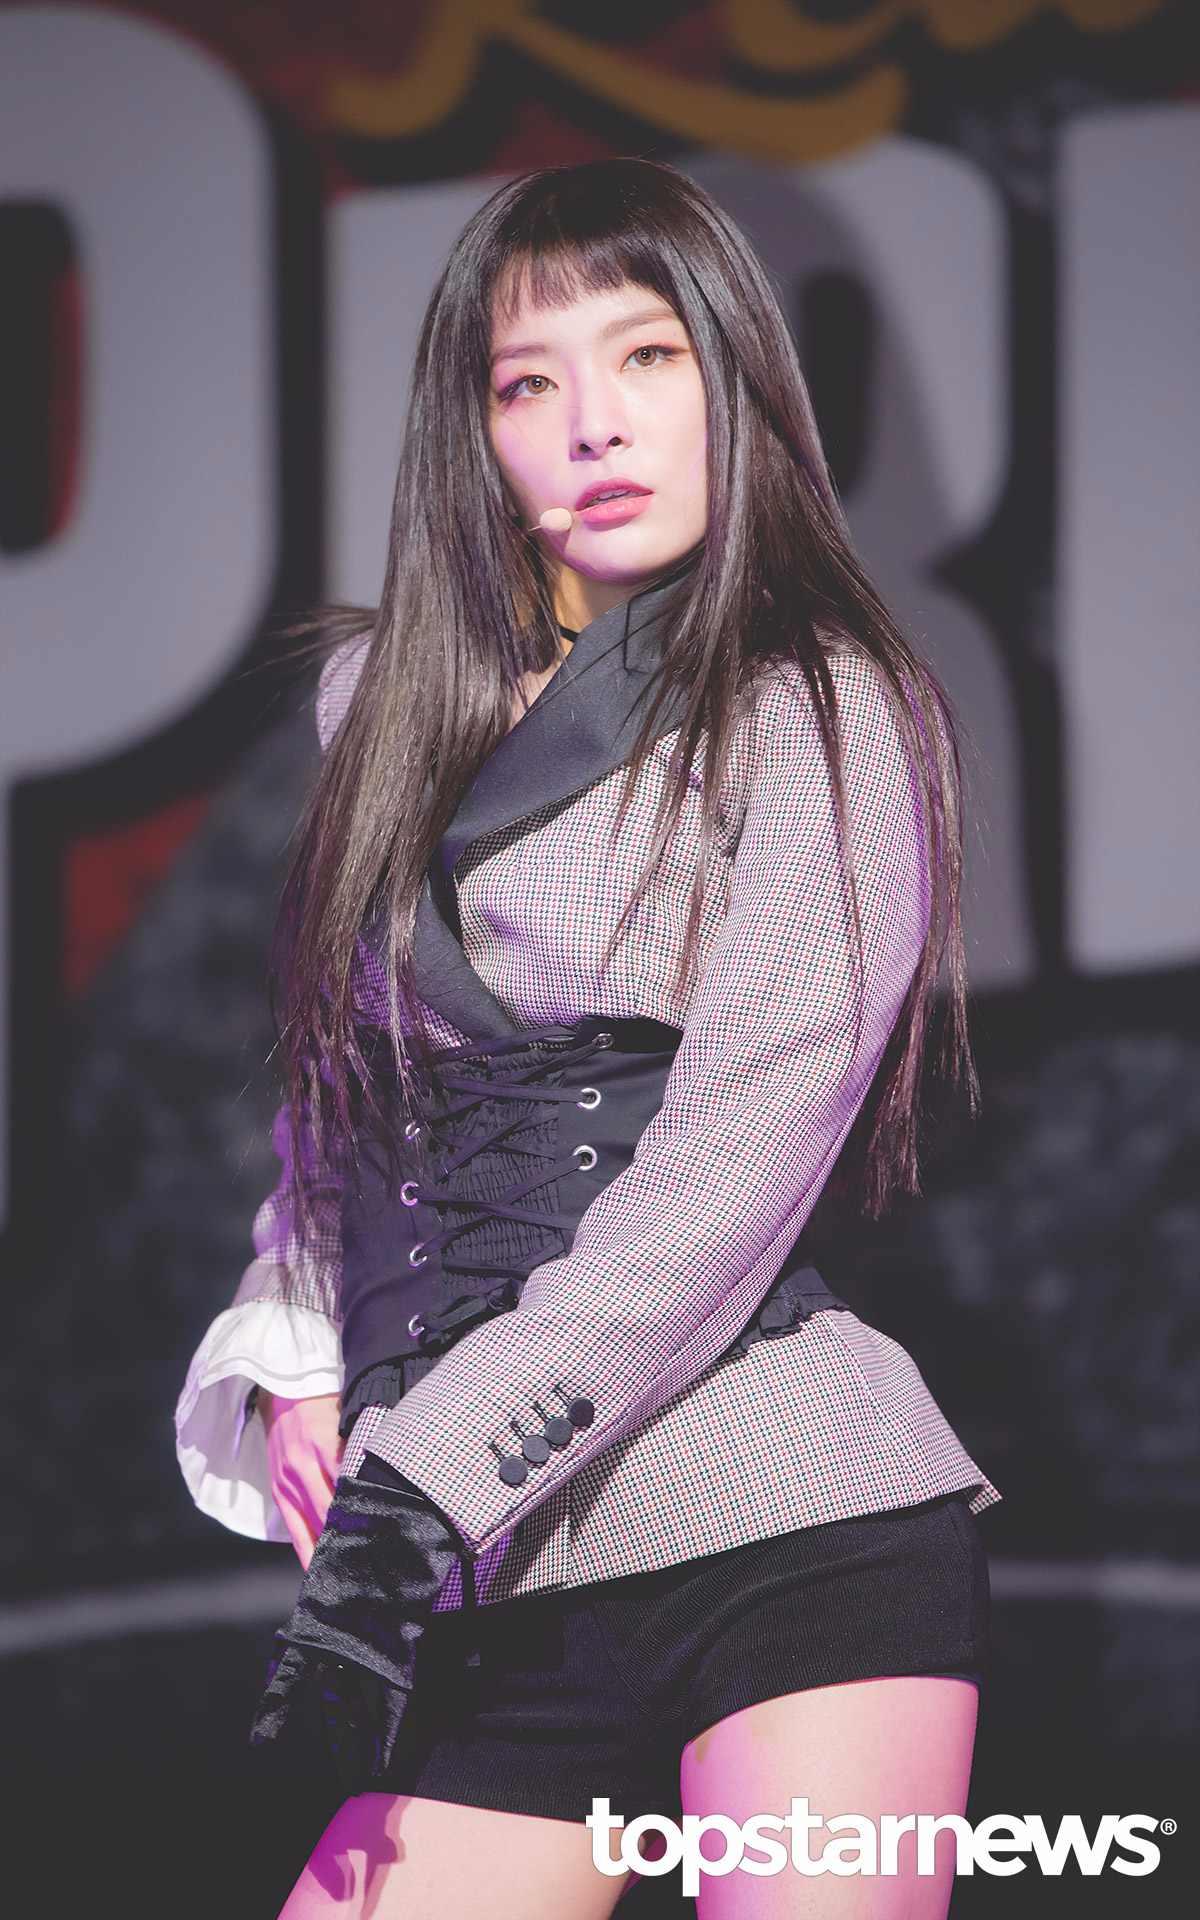 除了短瀏海之外,SeulGi這次的髮型也以長直髮為主,配上深棕色,讓她多了一分特殊感,在舞台上眼睛都只能盯著她一人不放啊~~